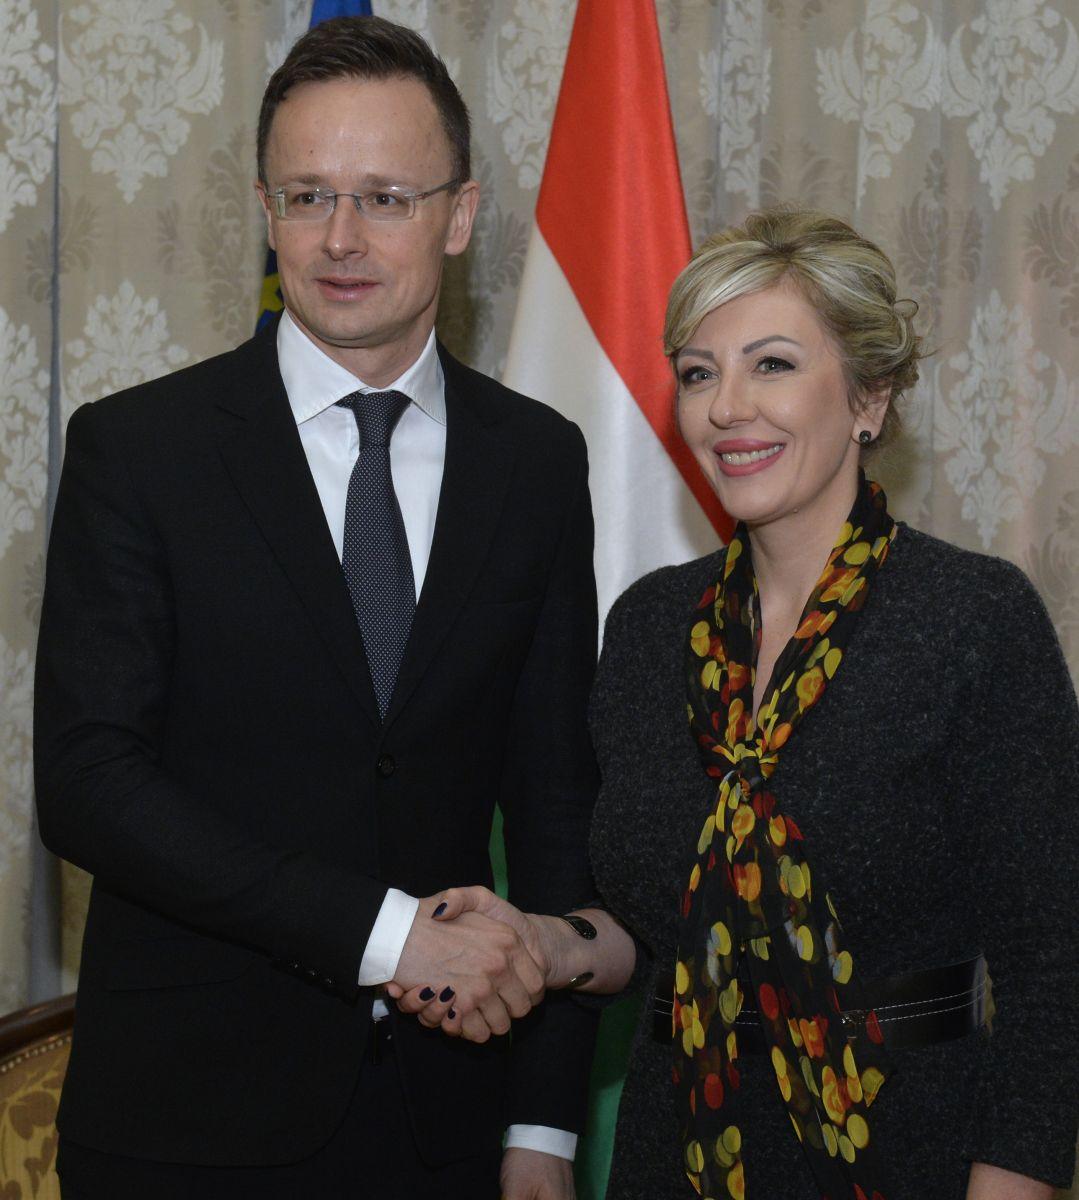 Ј. Јоксимовић: Нова методологија не би смела да умањи напредак Србије у европским интеграцијама